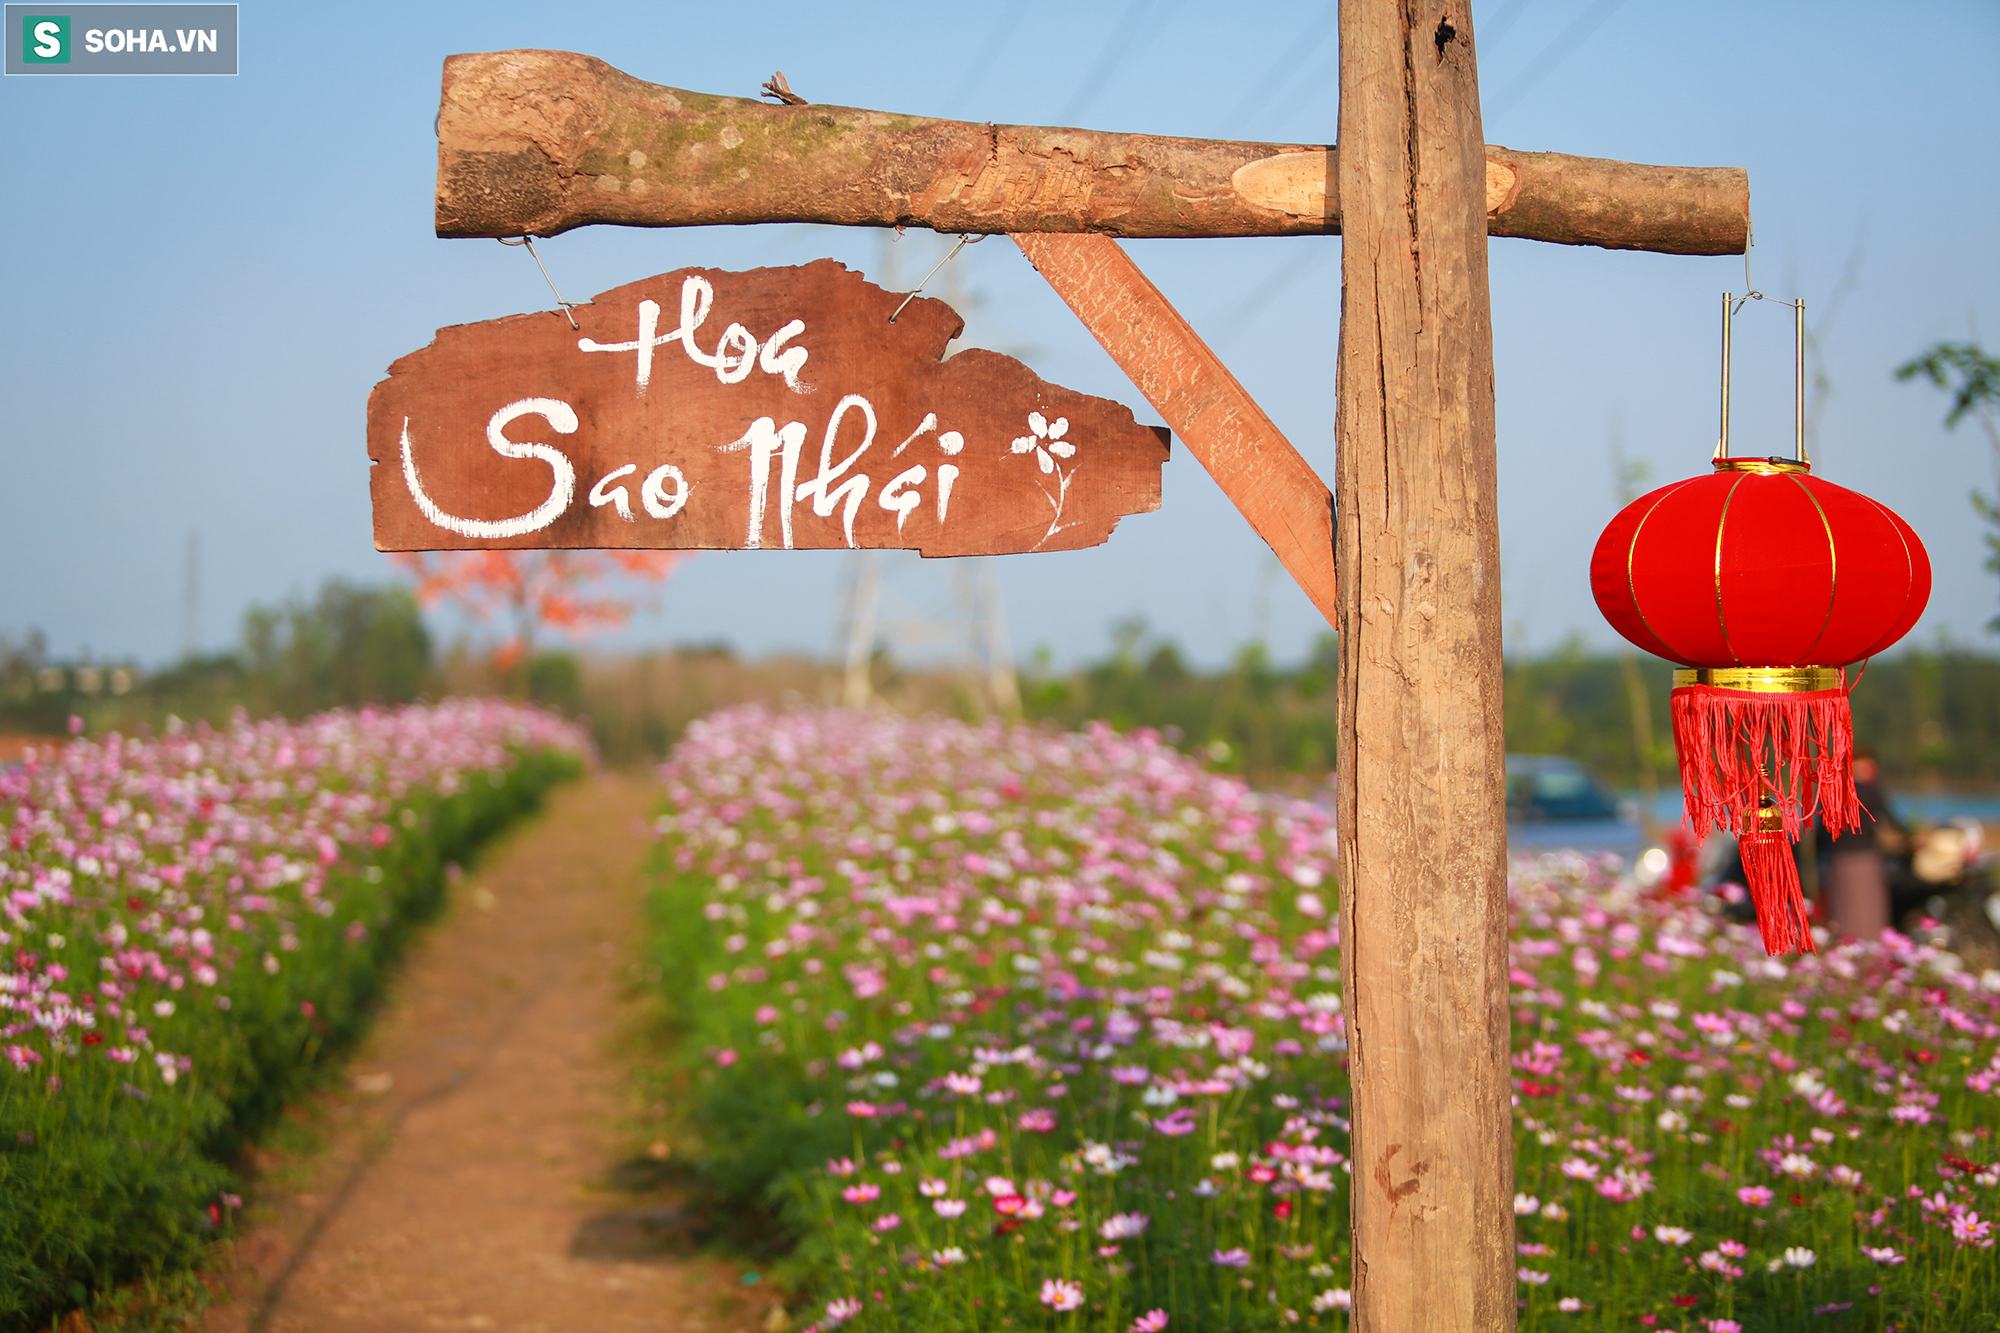 Mê mẩn cánh đồng hoa sao nhái đầy màu sắc được giới trẻ săn tìm để check-in ở Quảng Bình - Ảnh 3.